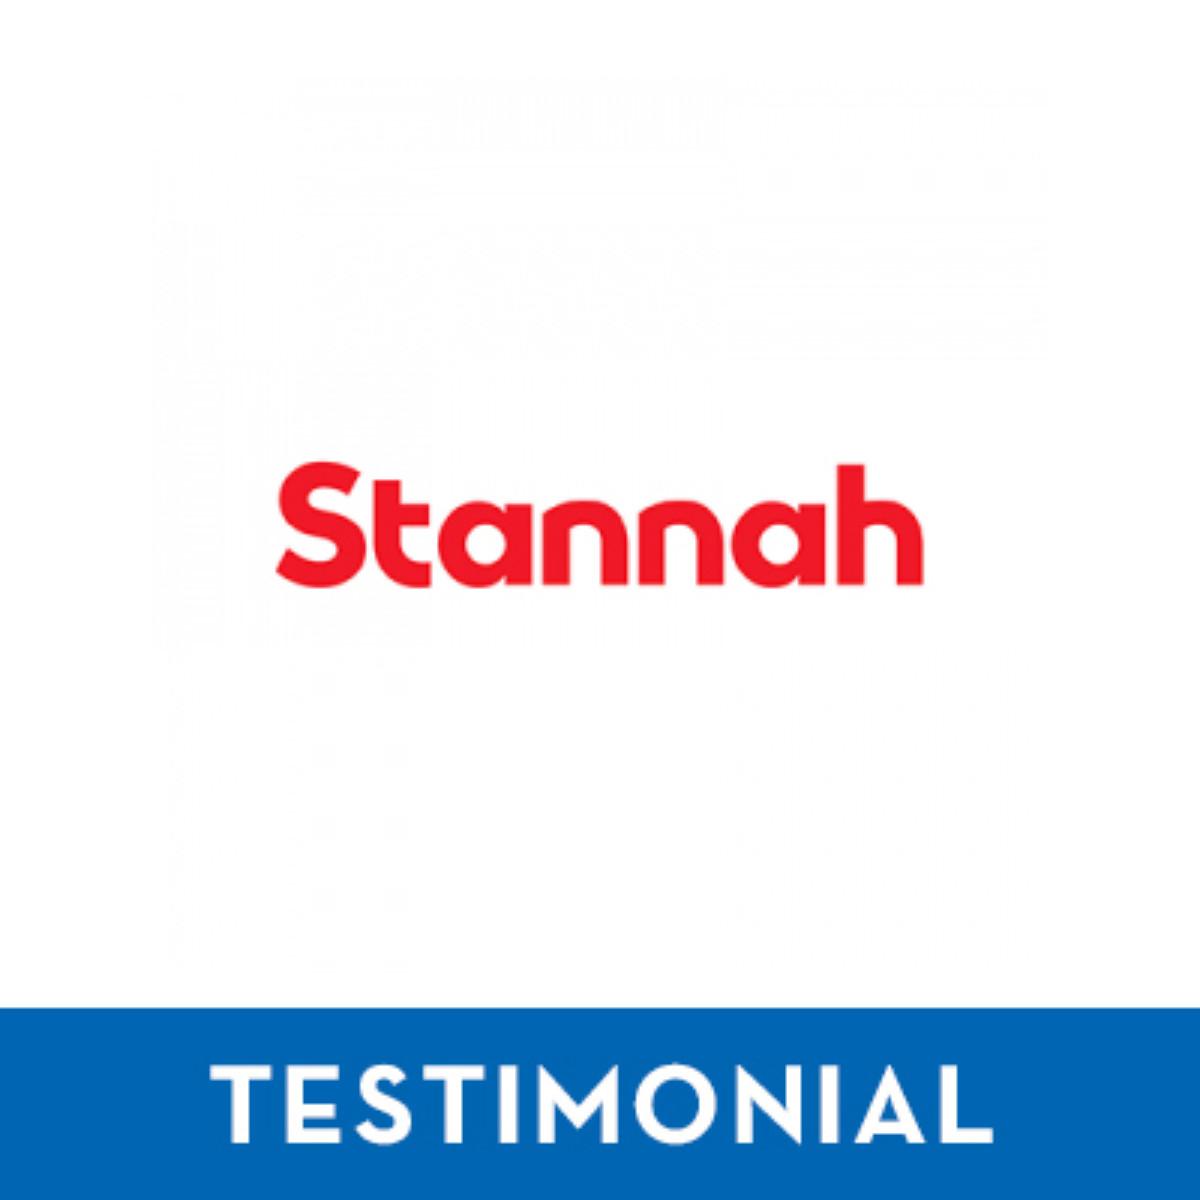 STANNAH_TESTIMONIAL-1-1200x1200